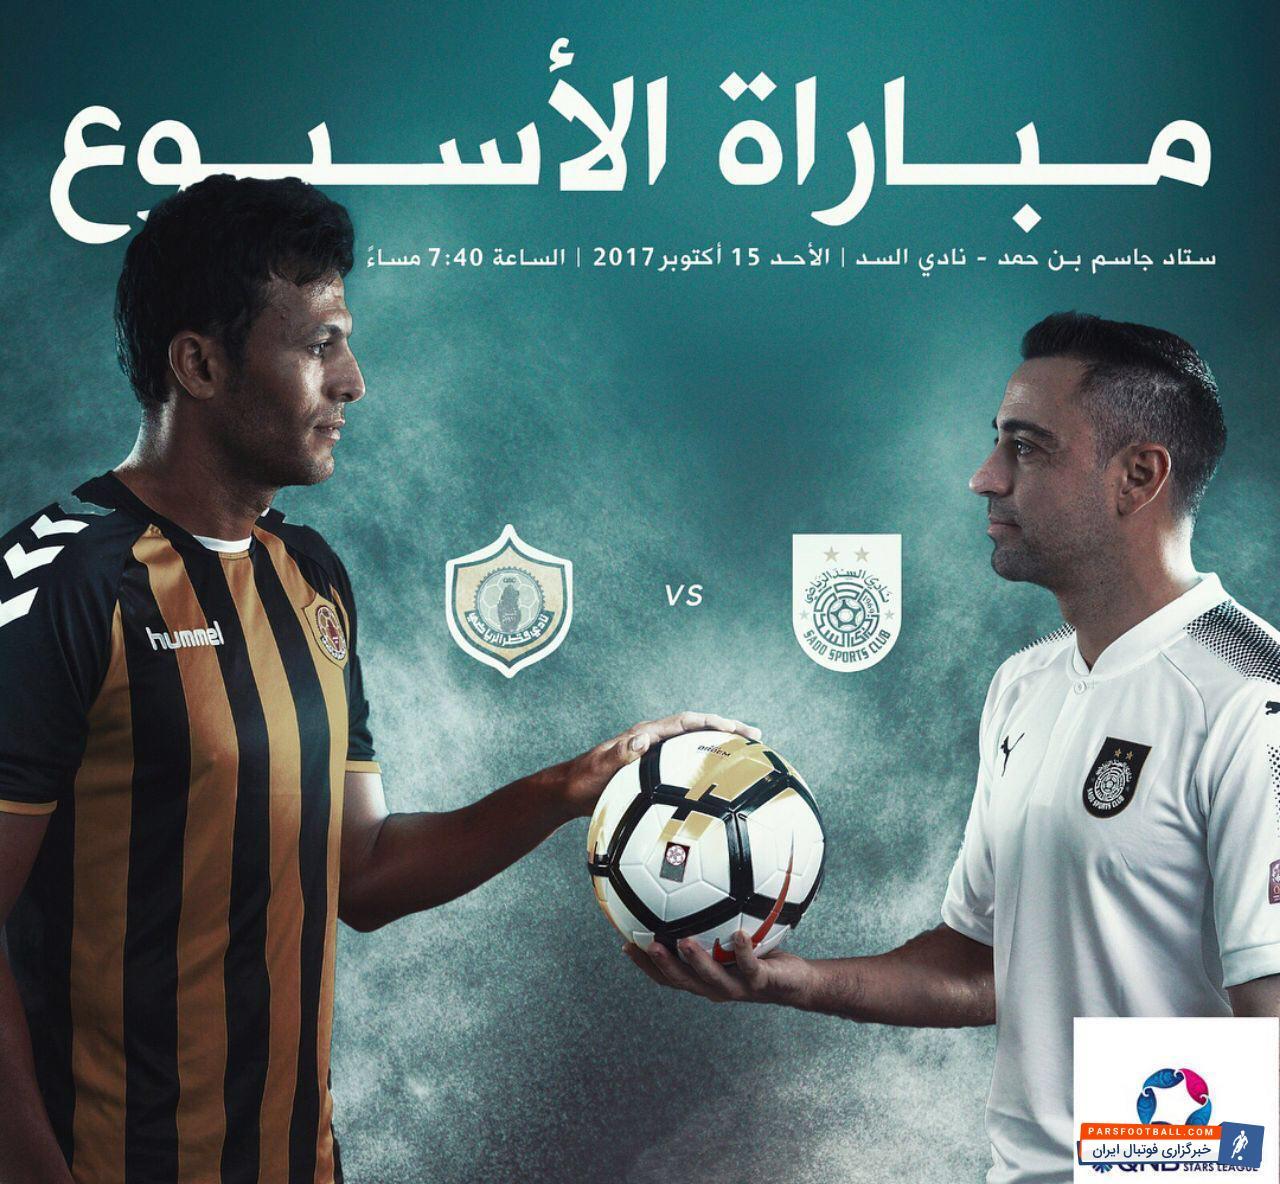 رونمایی از پوستر دیدار السد - القطر با حضور ژاوی و محمد طیبی